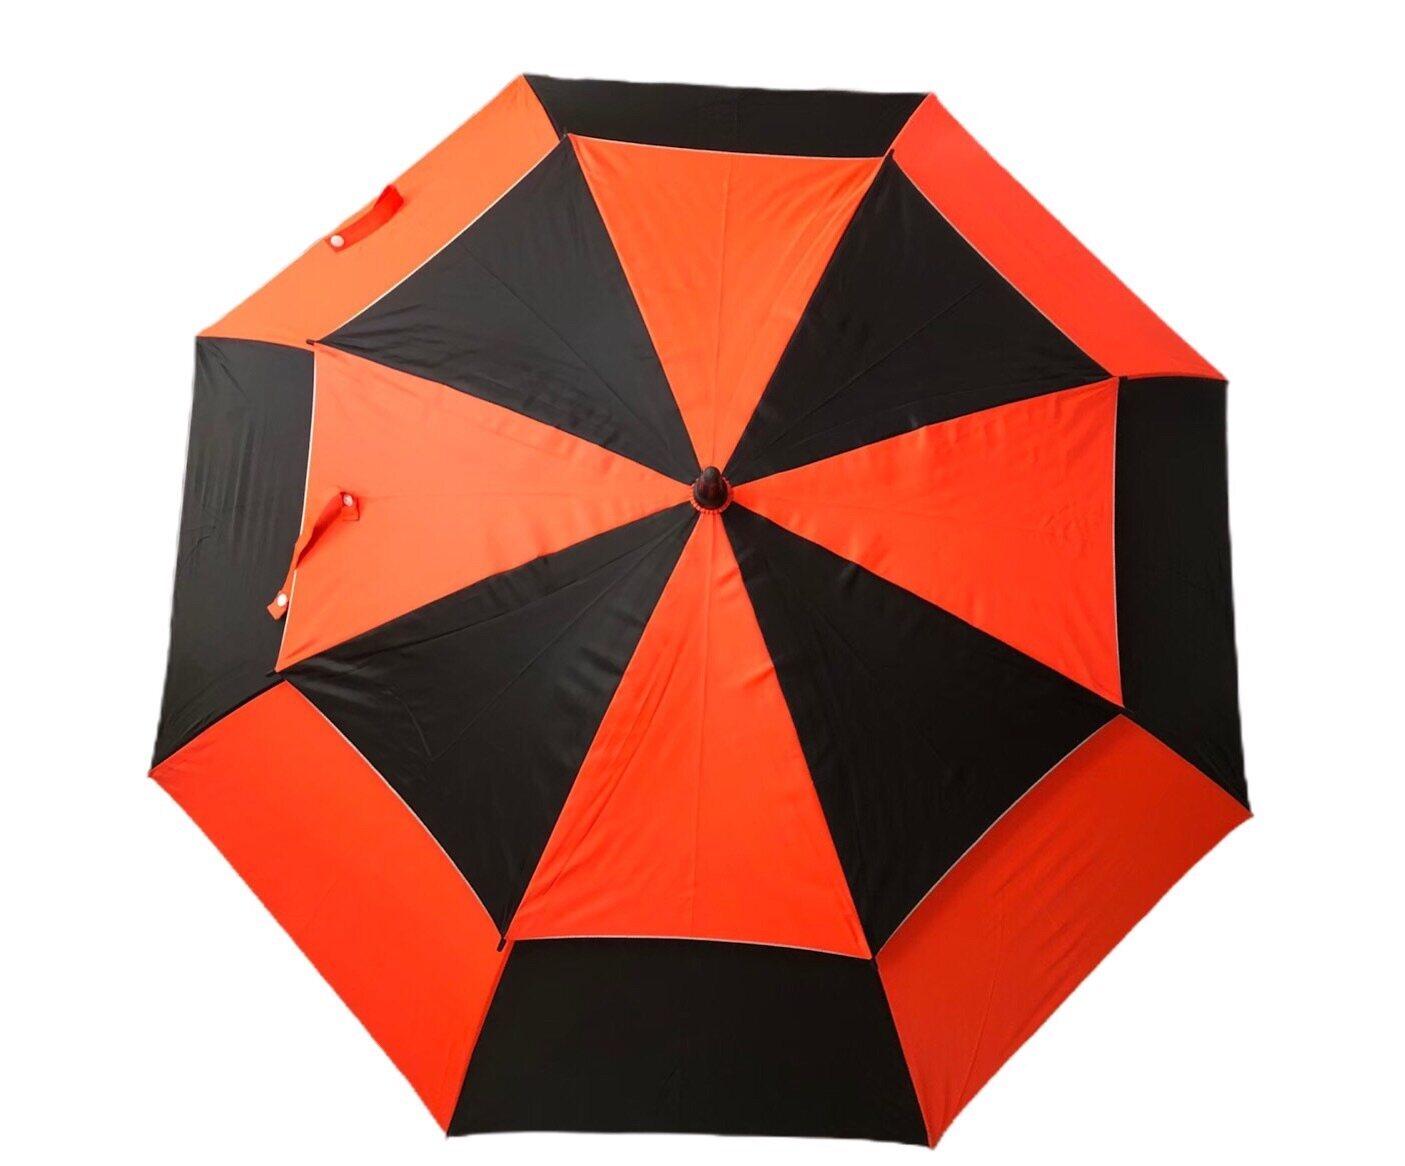 ร่มกอล์ฟ 2 ชั้น กัน Uv ขนาด 32 นิ้ว แกนออโต้ Golf Umbrella.